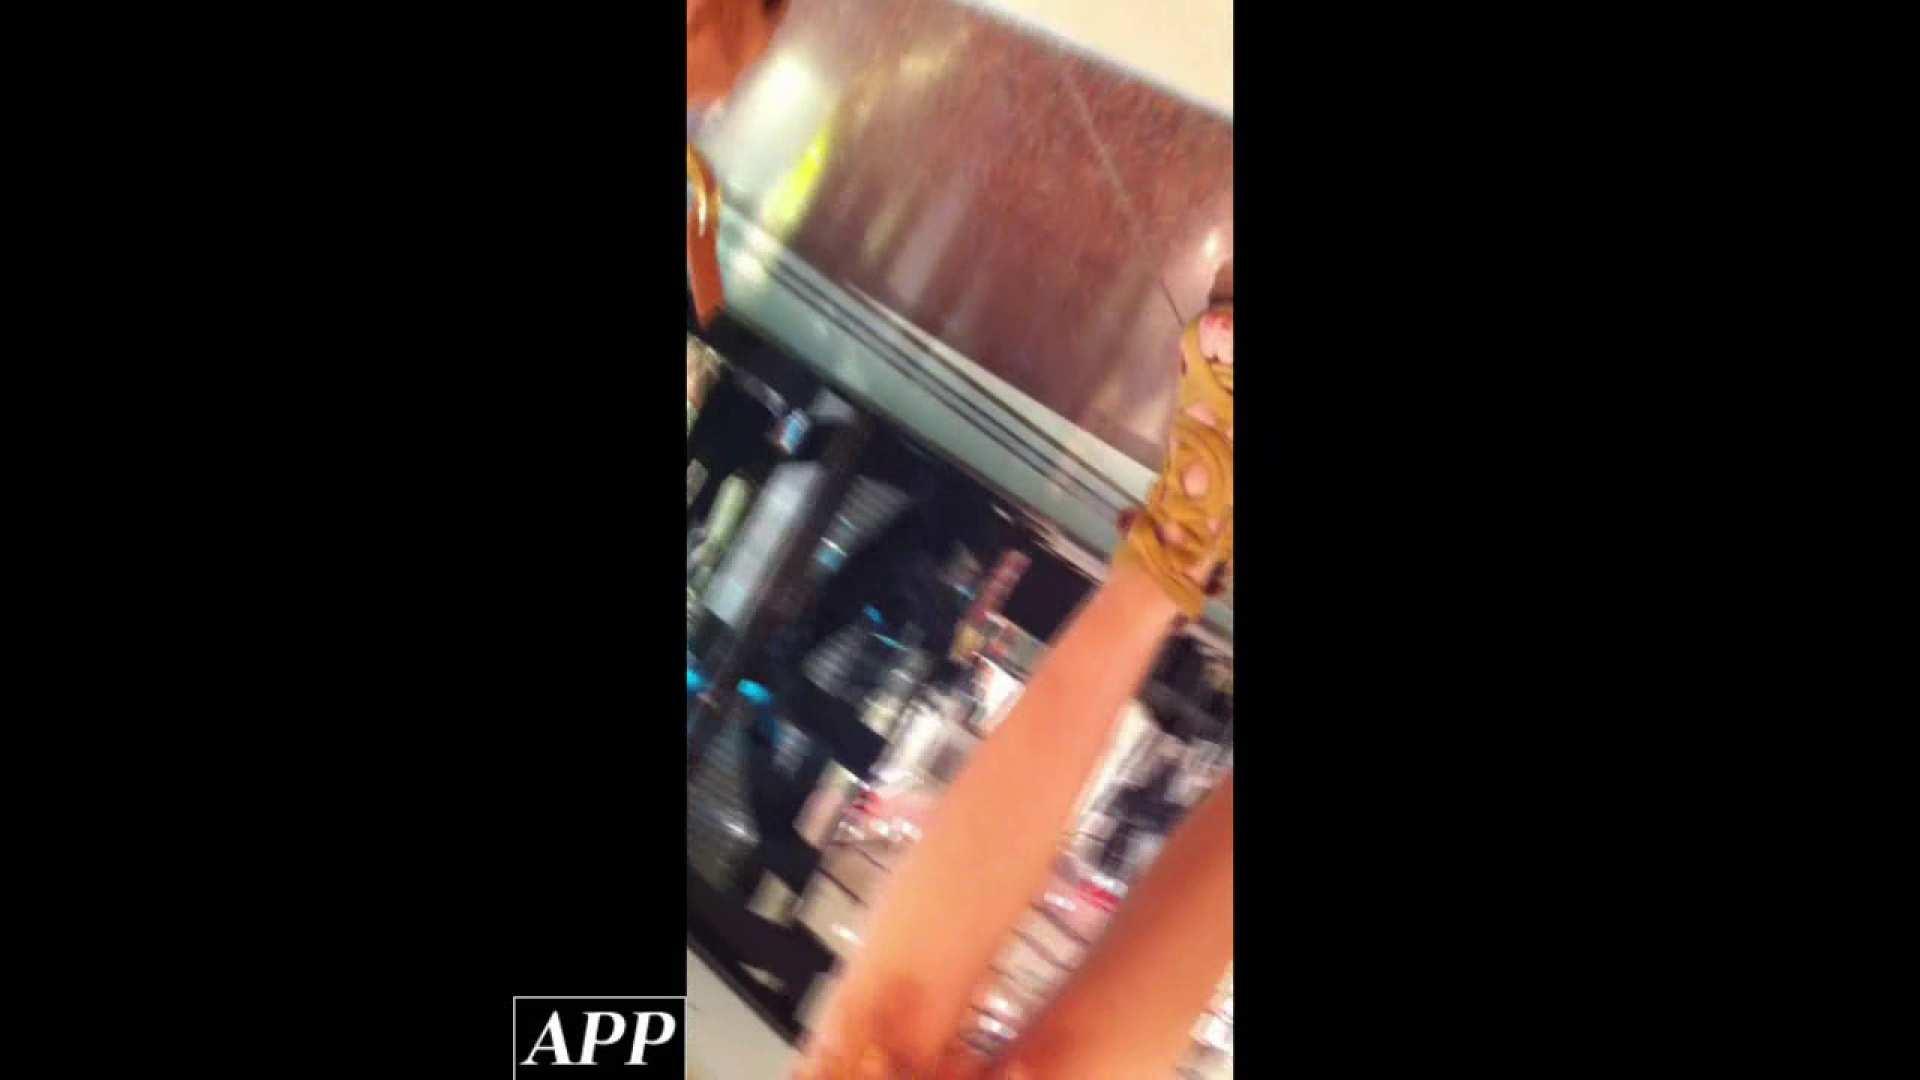 ハイビジョン盗撮!ショップ店員千人斬り!胸チラ編 vol.88 エロいOL AV無料動画キャプチャ 101枚